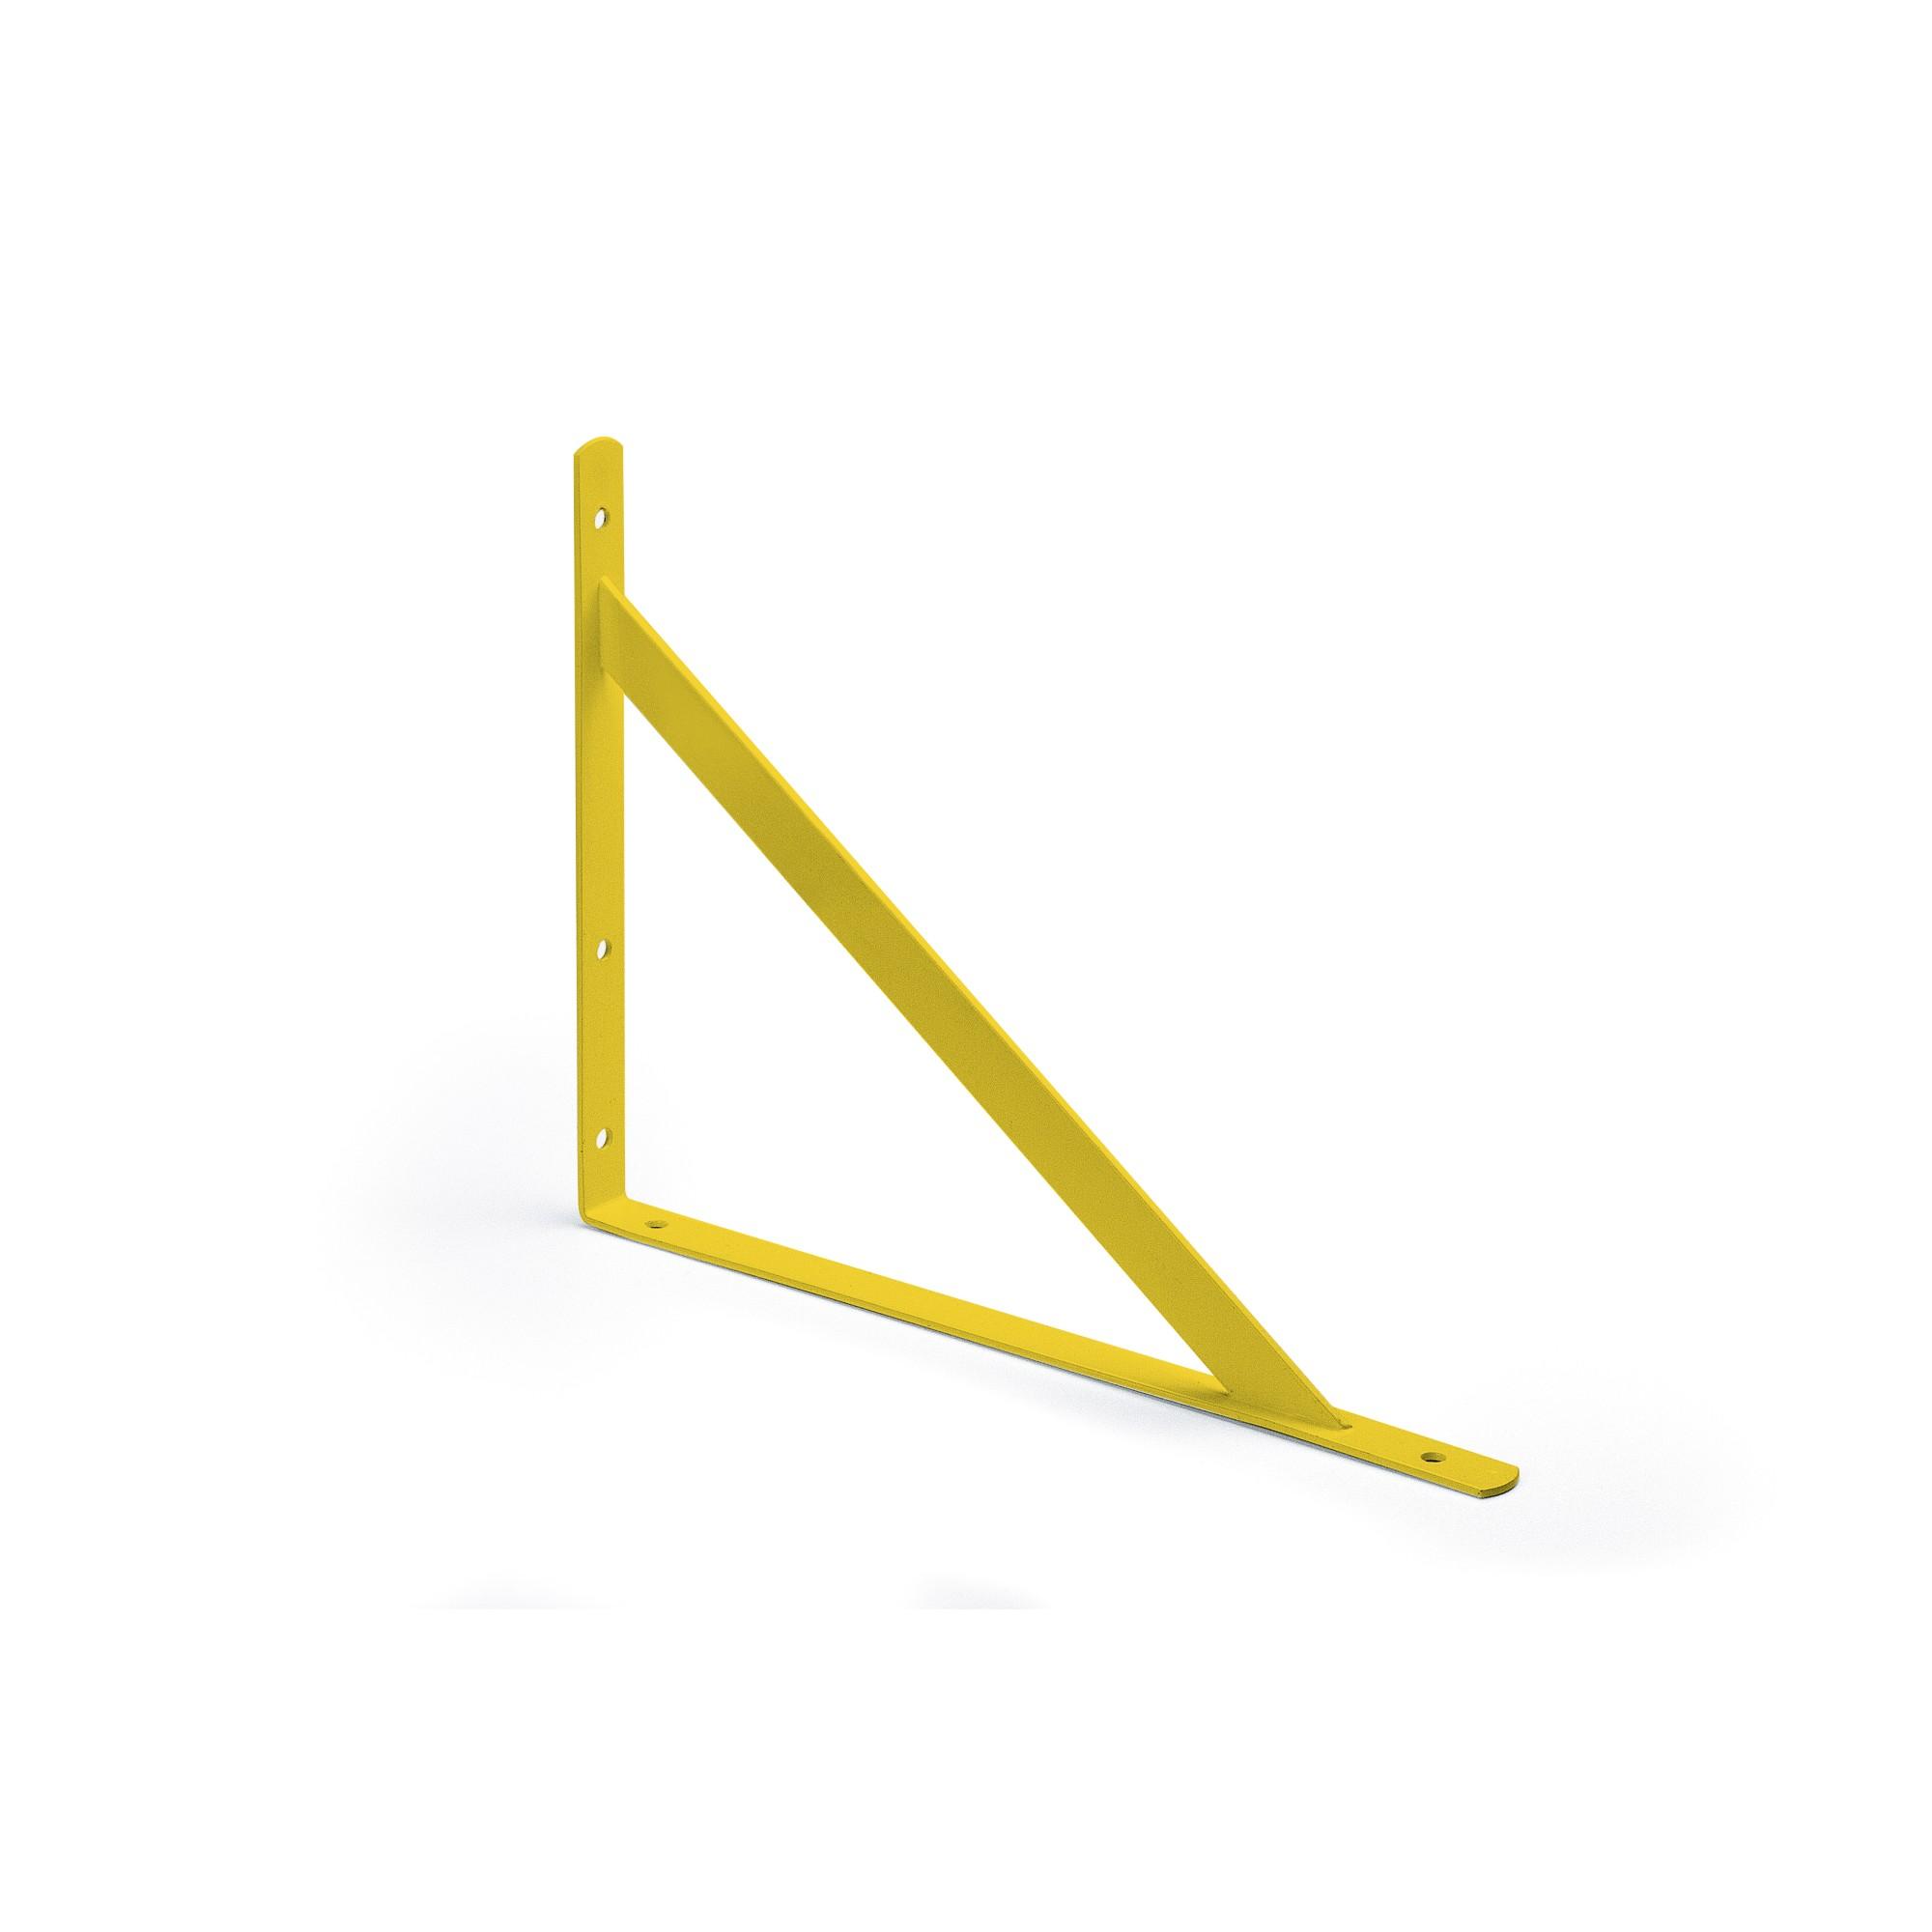 Mao Francesa de Aco Parafusar 1 Unidade 27cm Amarelo - Fico